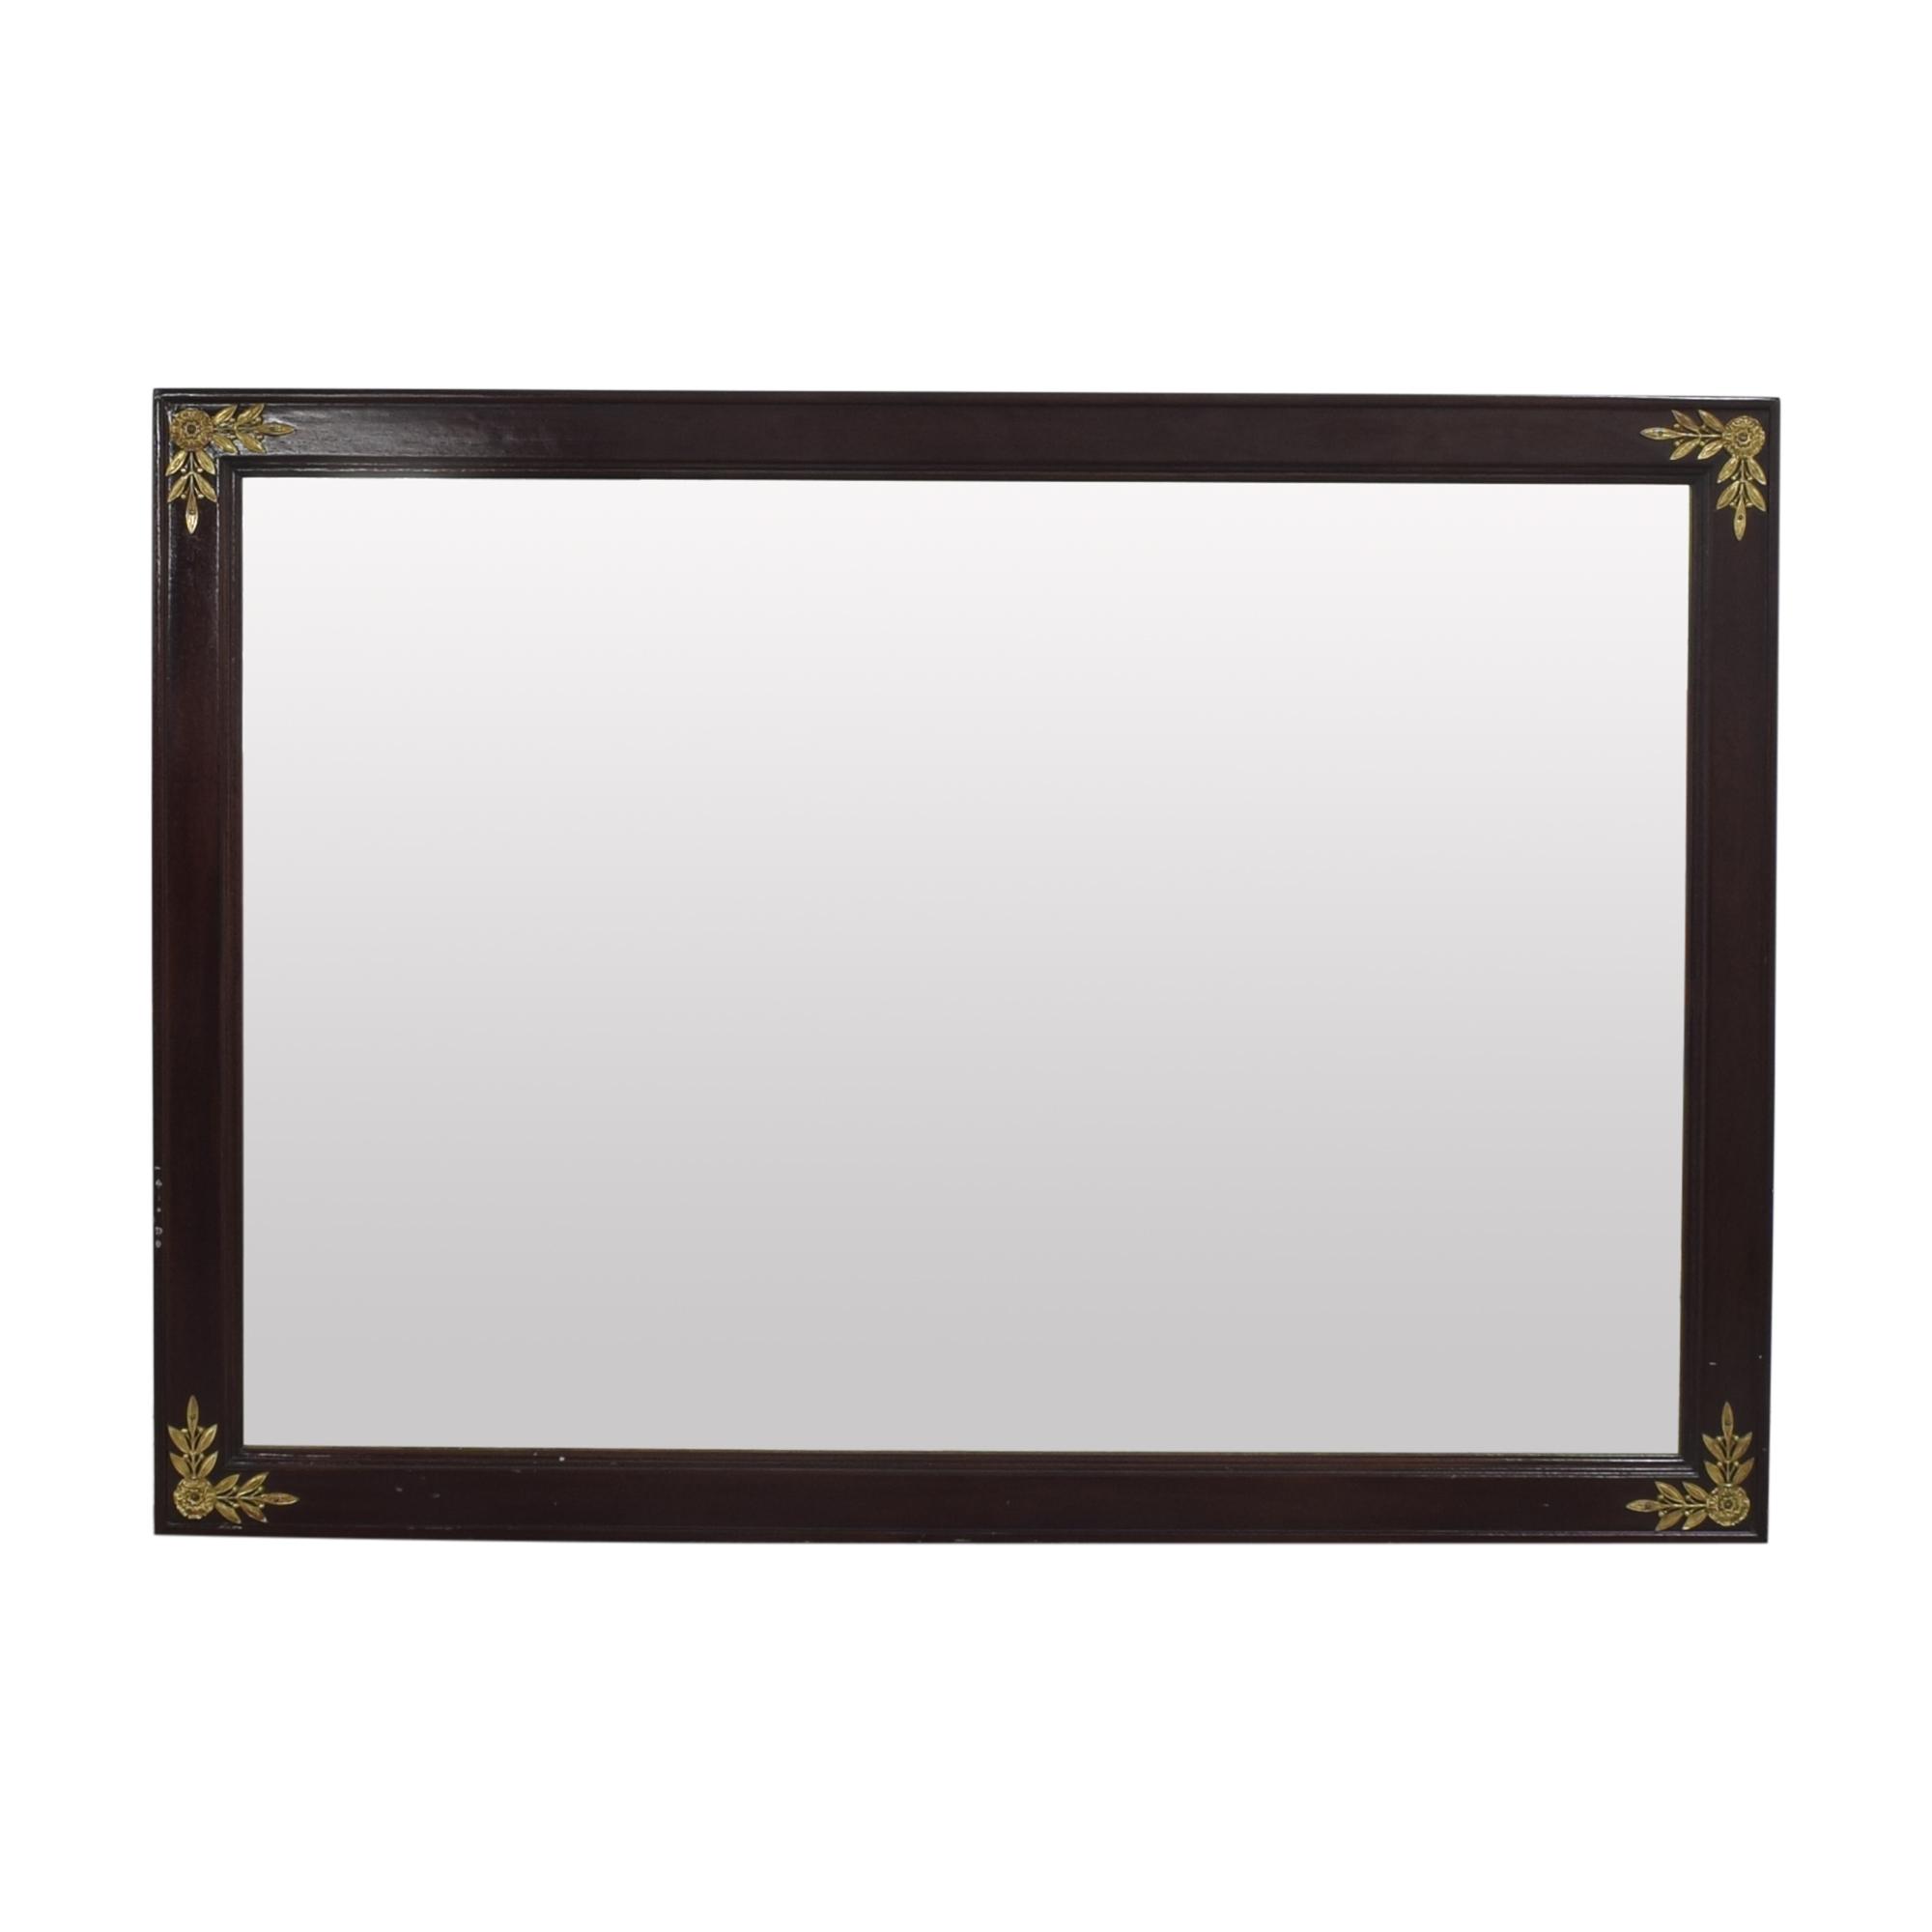 Vanguard Furniture Vintage Mirror sale